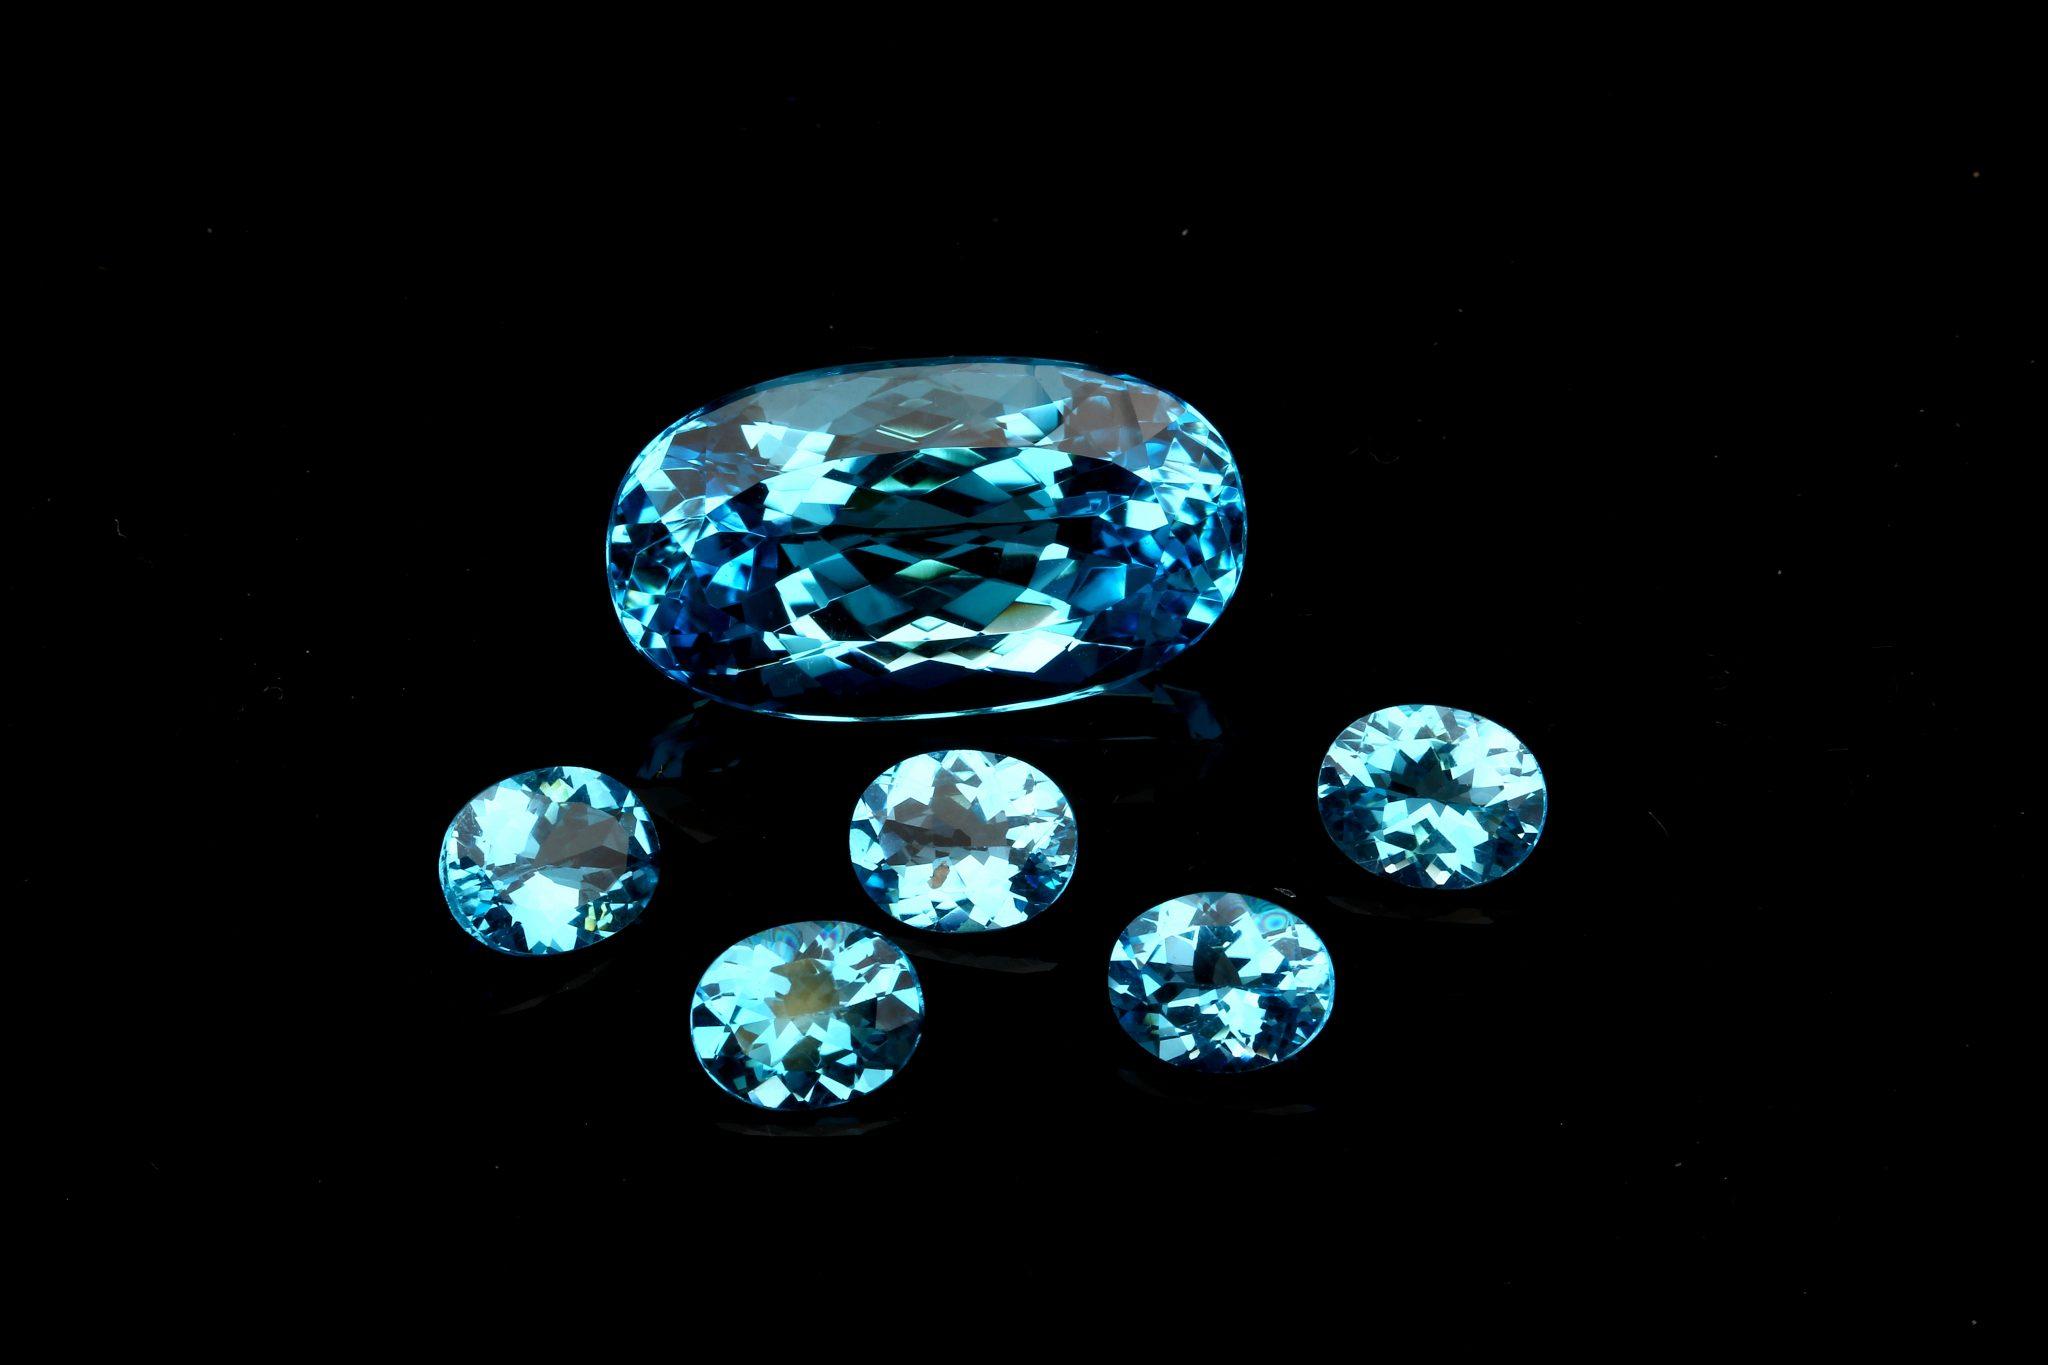 Лондон Топаз Блю: свойства камня, кому подходит